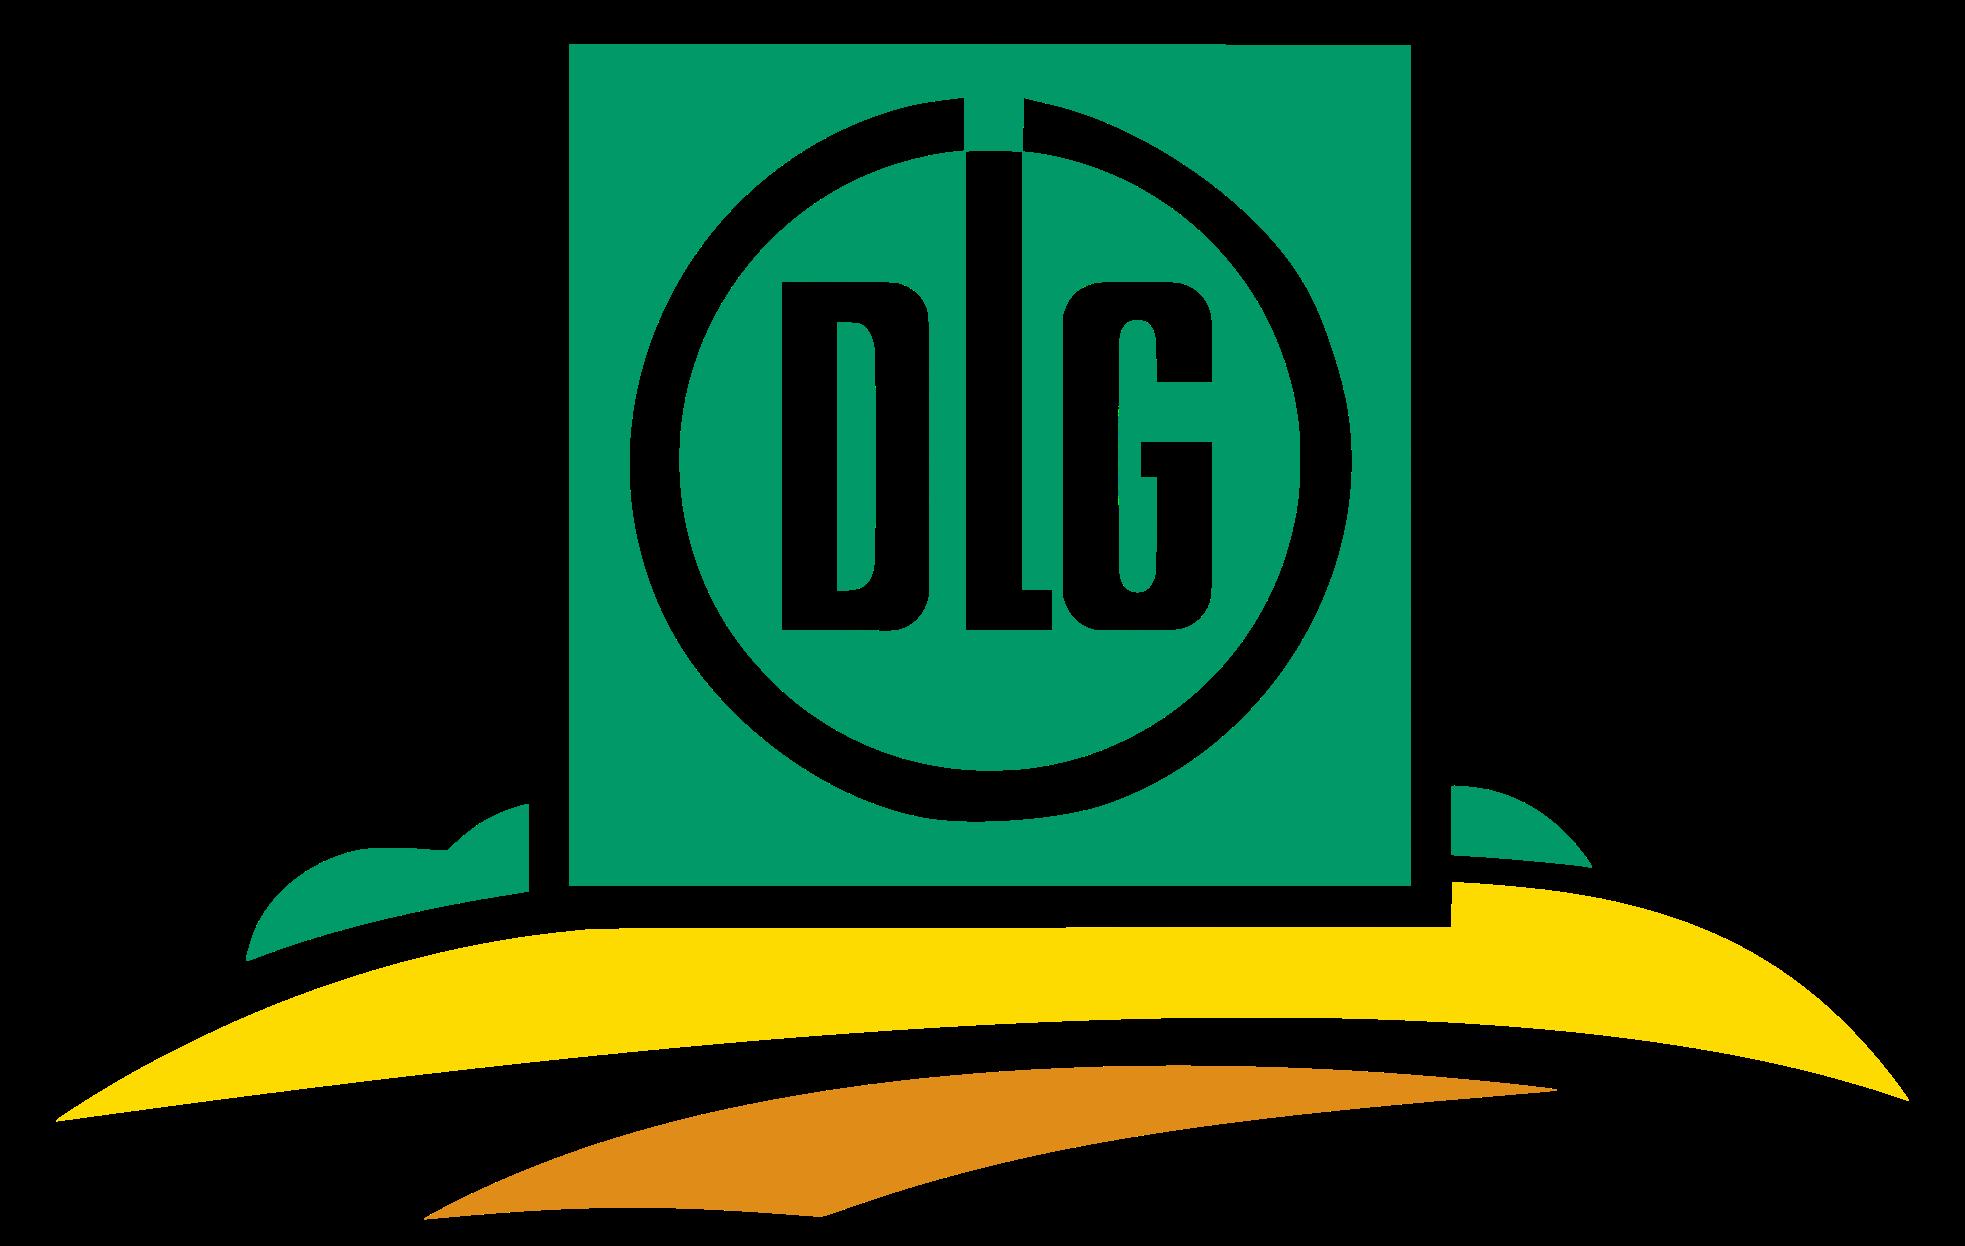 DLG (Deutsche Landwirtschaftsgesellschaft)